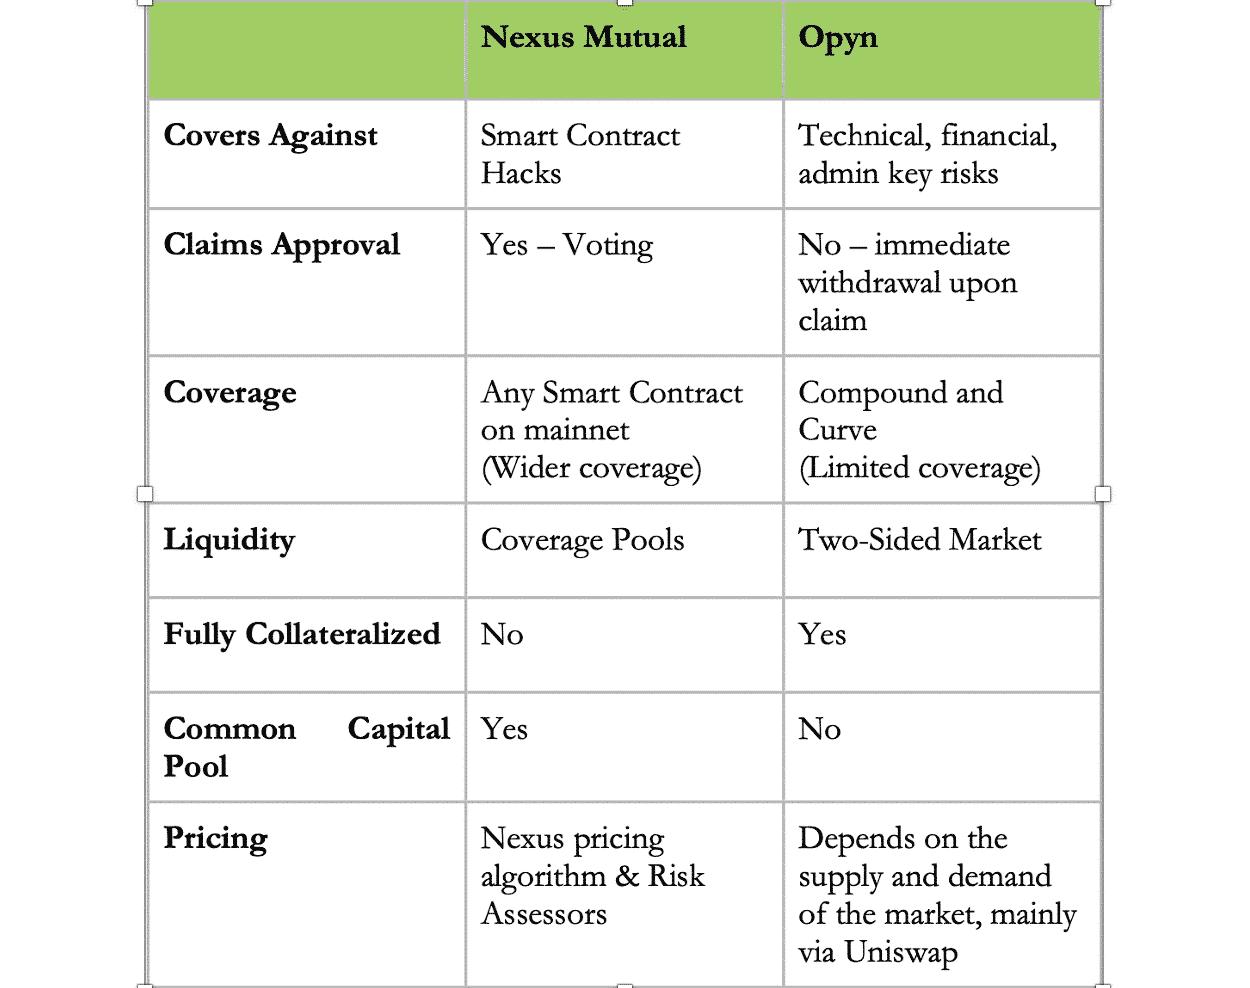 Comparatif entre Nexus Mutual et Opyn.